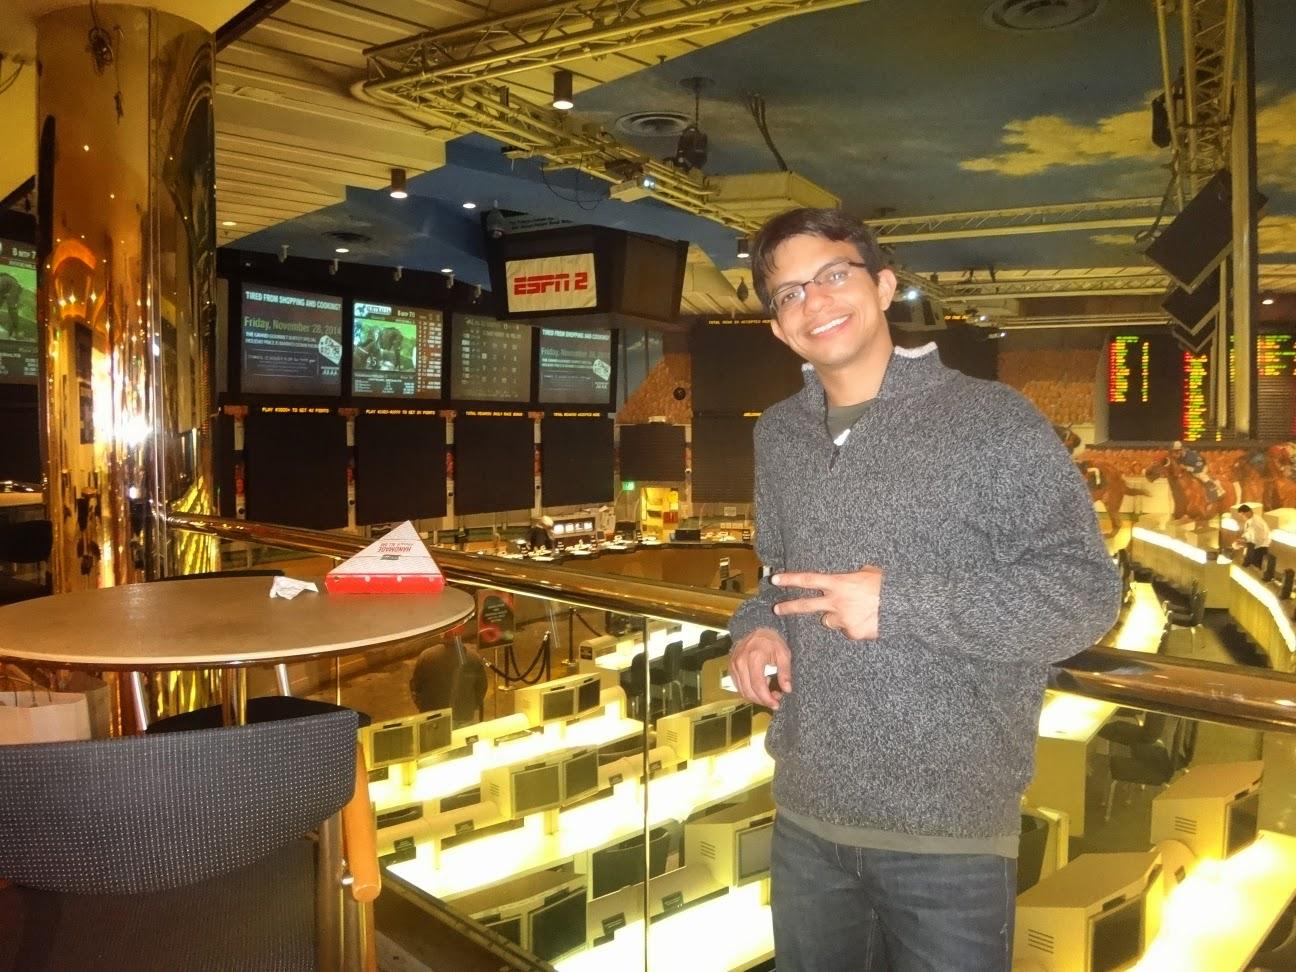 casa de apostas no hotel Ballys em Las Vegas